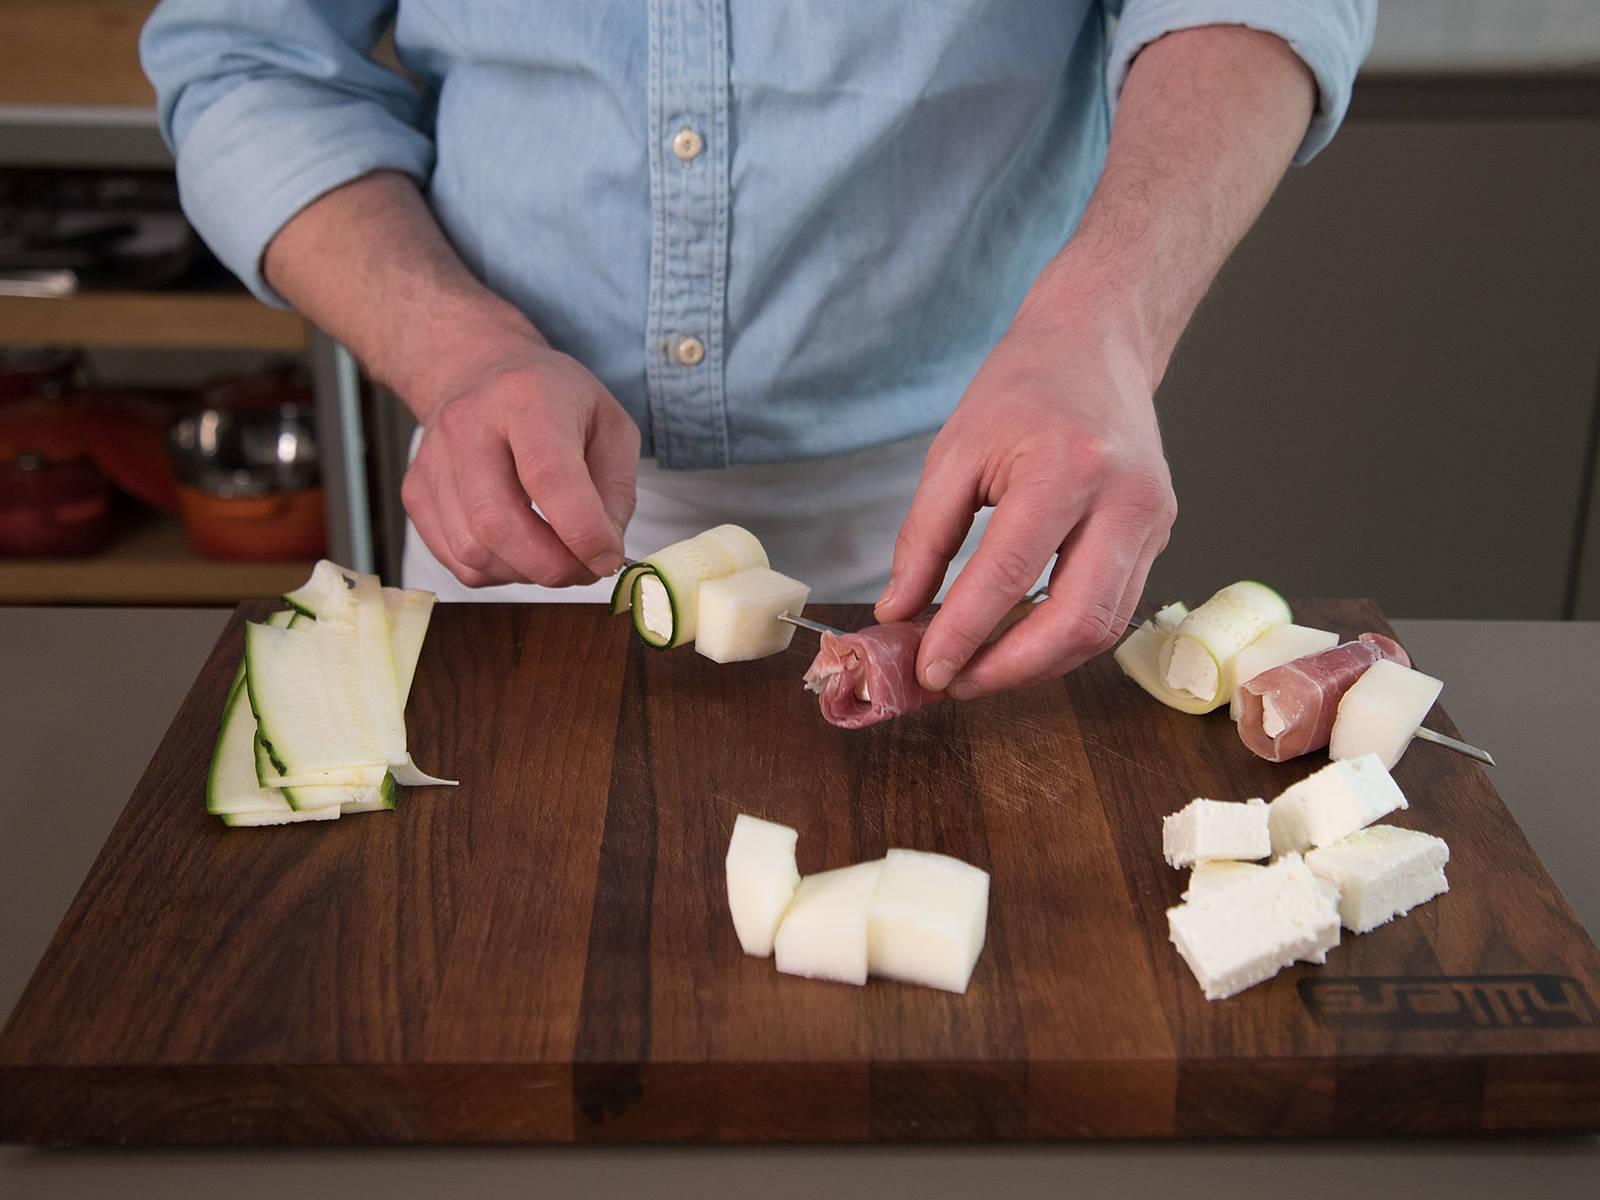 将西葫芦菲达卷、熏火腿菲达卷和哈密瓜块依次插到木叉上。